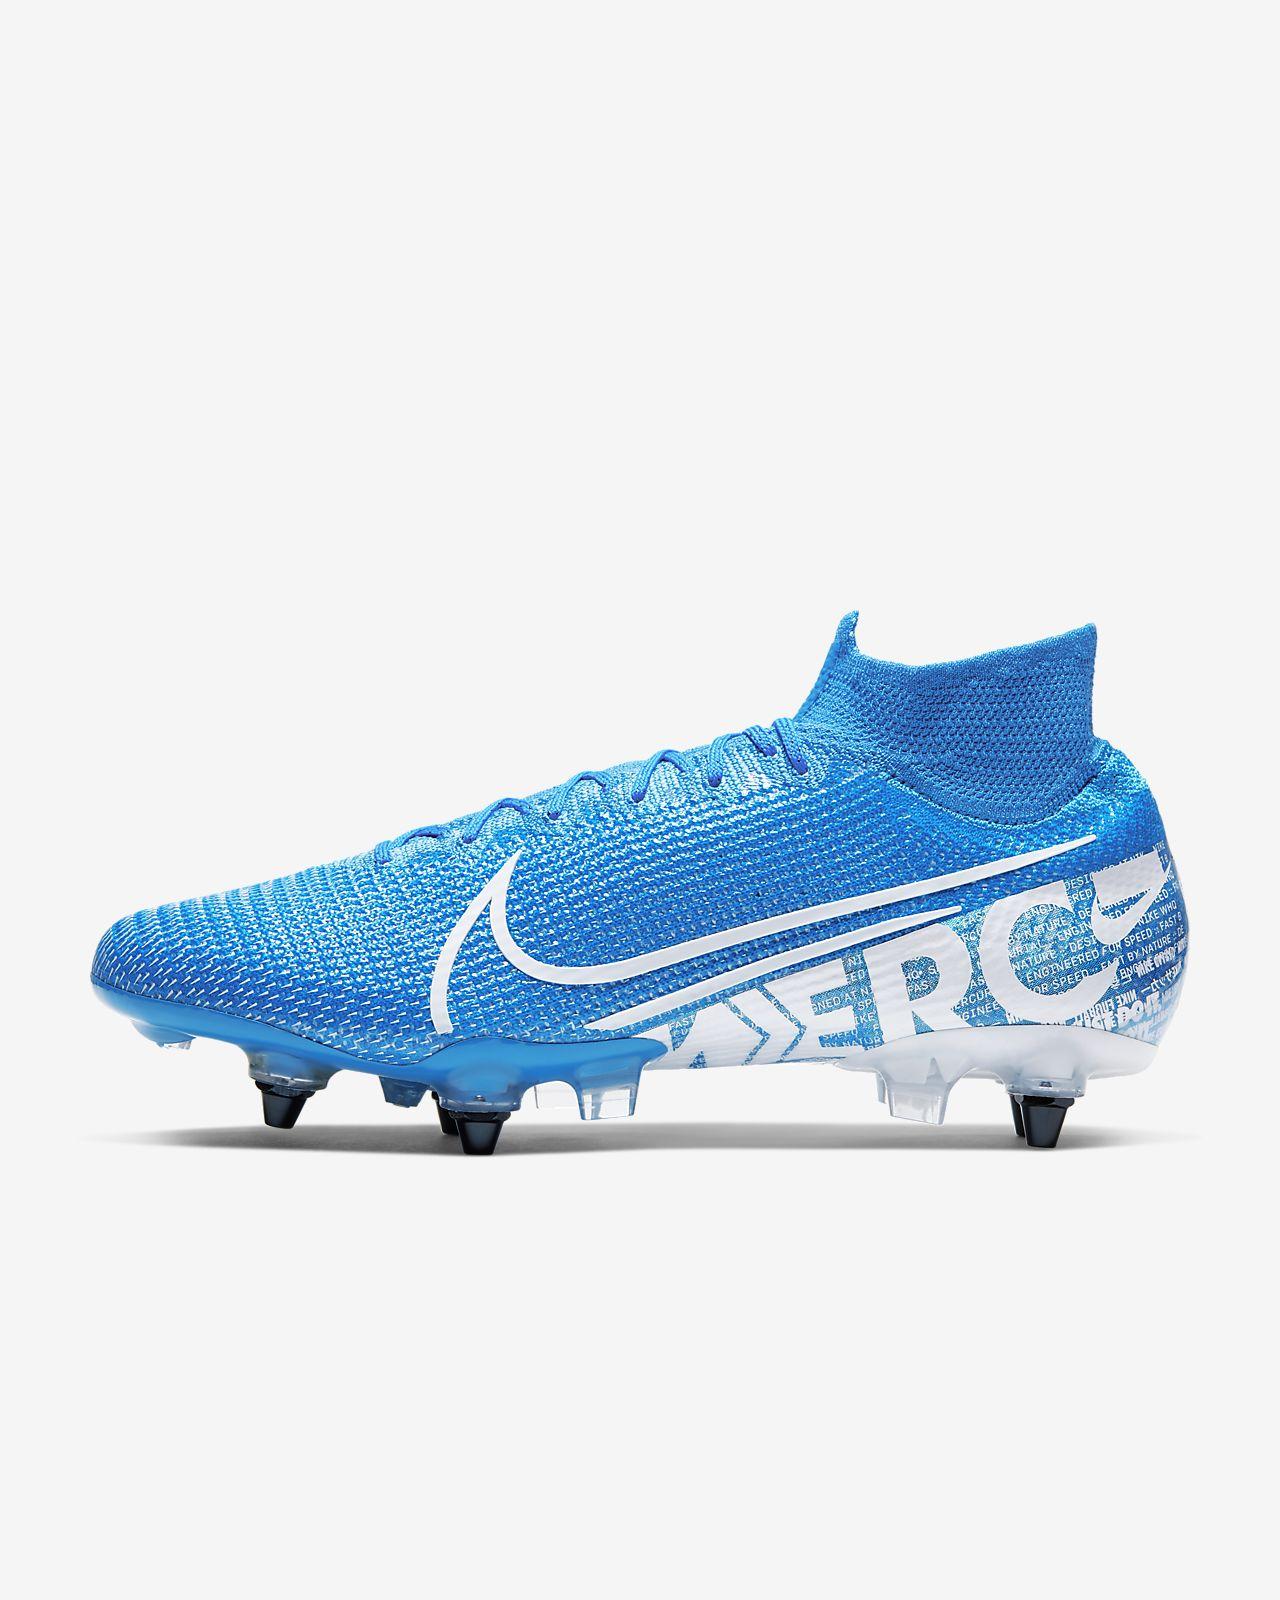 Nike Mercurial Superfly 7 Elite SG-PRO Anti-Clog Traction lágy talajra készült futballcipő